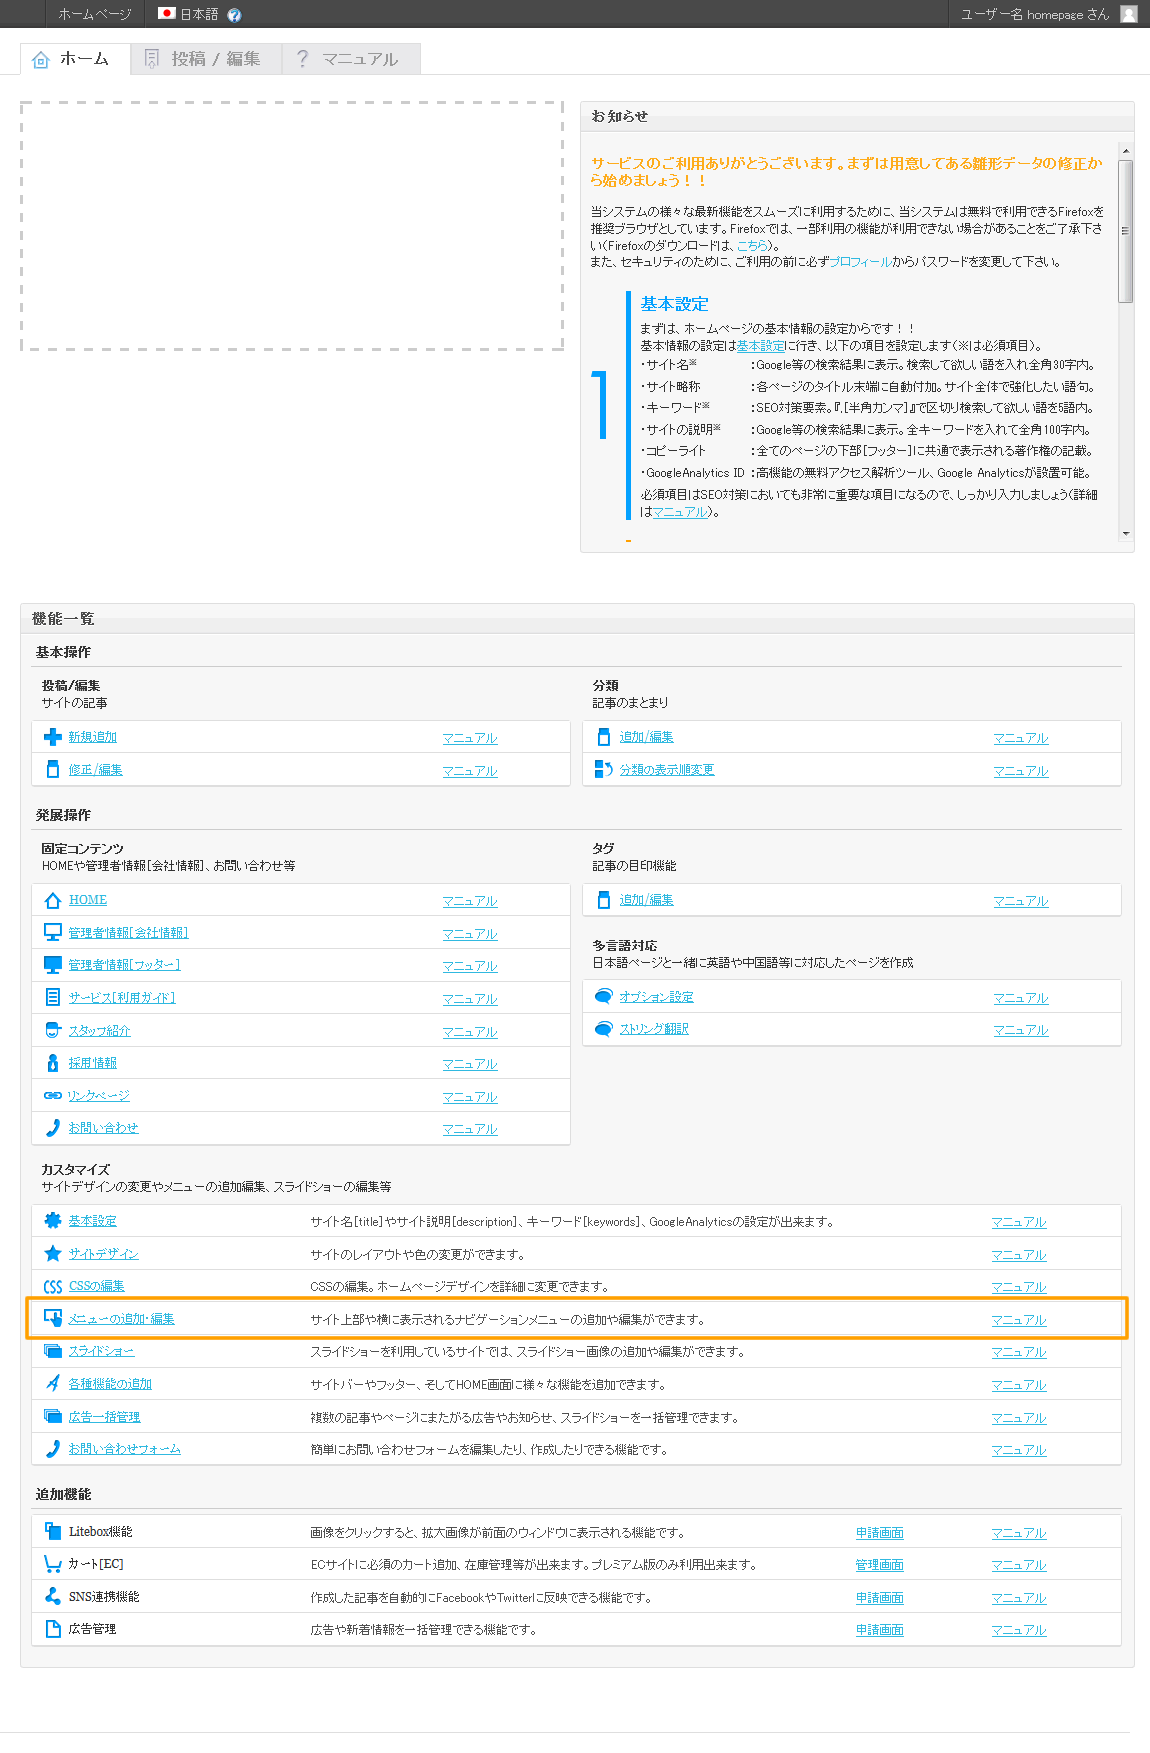 ホームページ 管理画面 ナビ[メニュー] | 初期費用無料ホームページ作成サイト - FunMaker